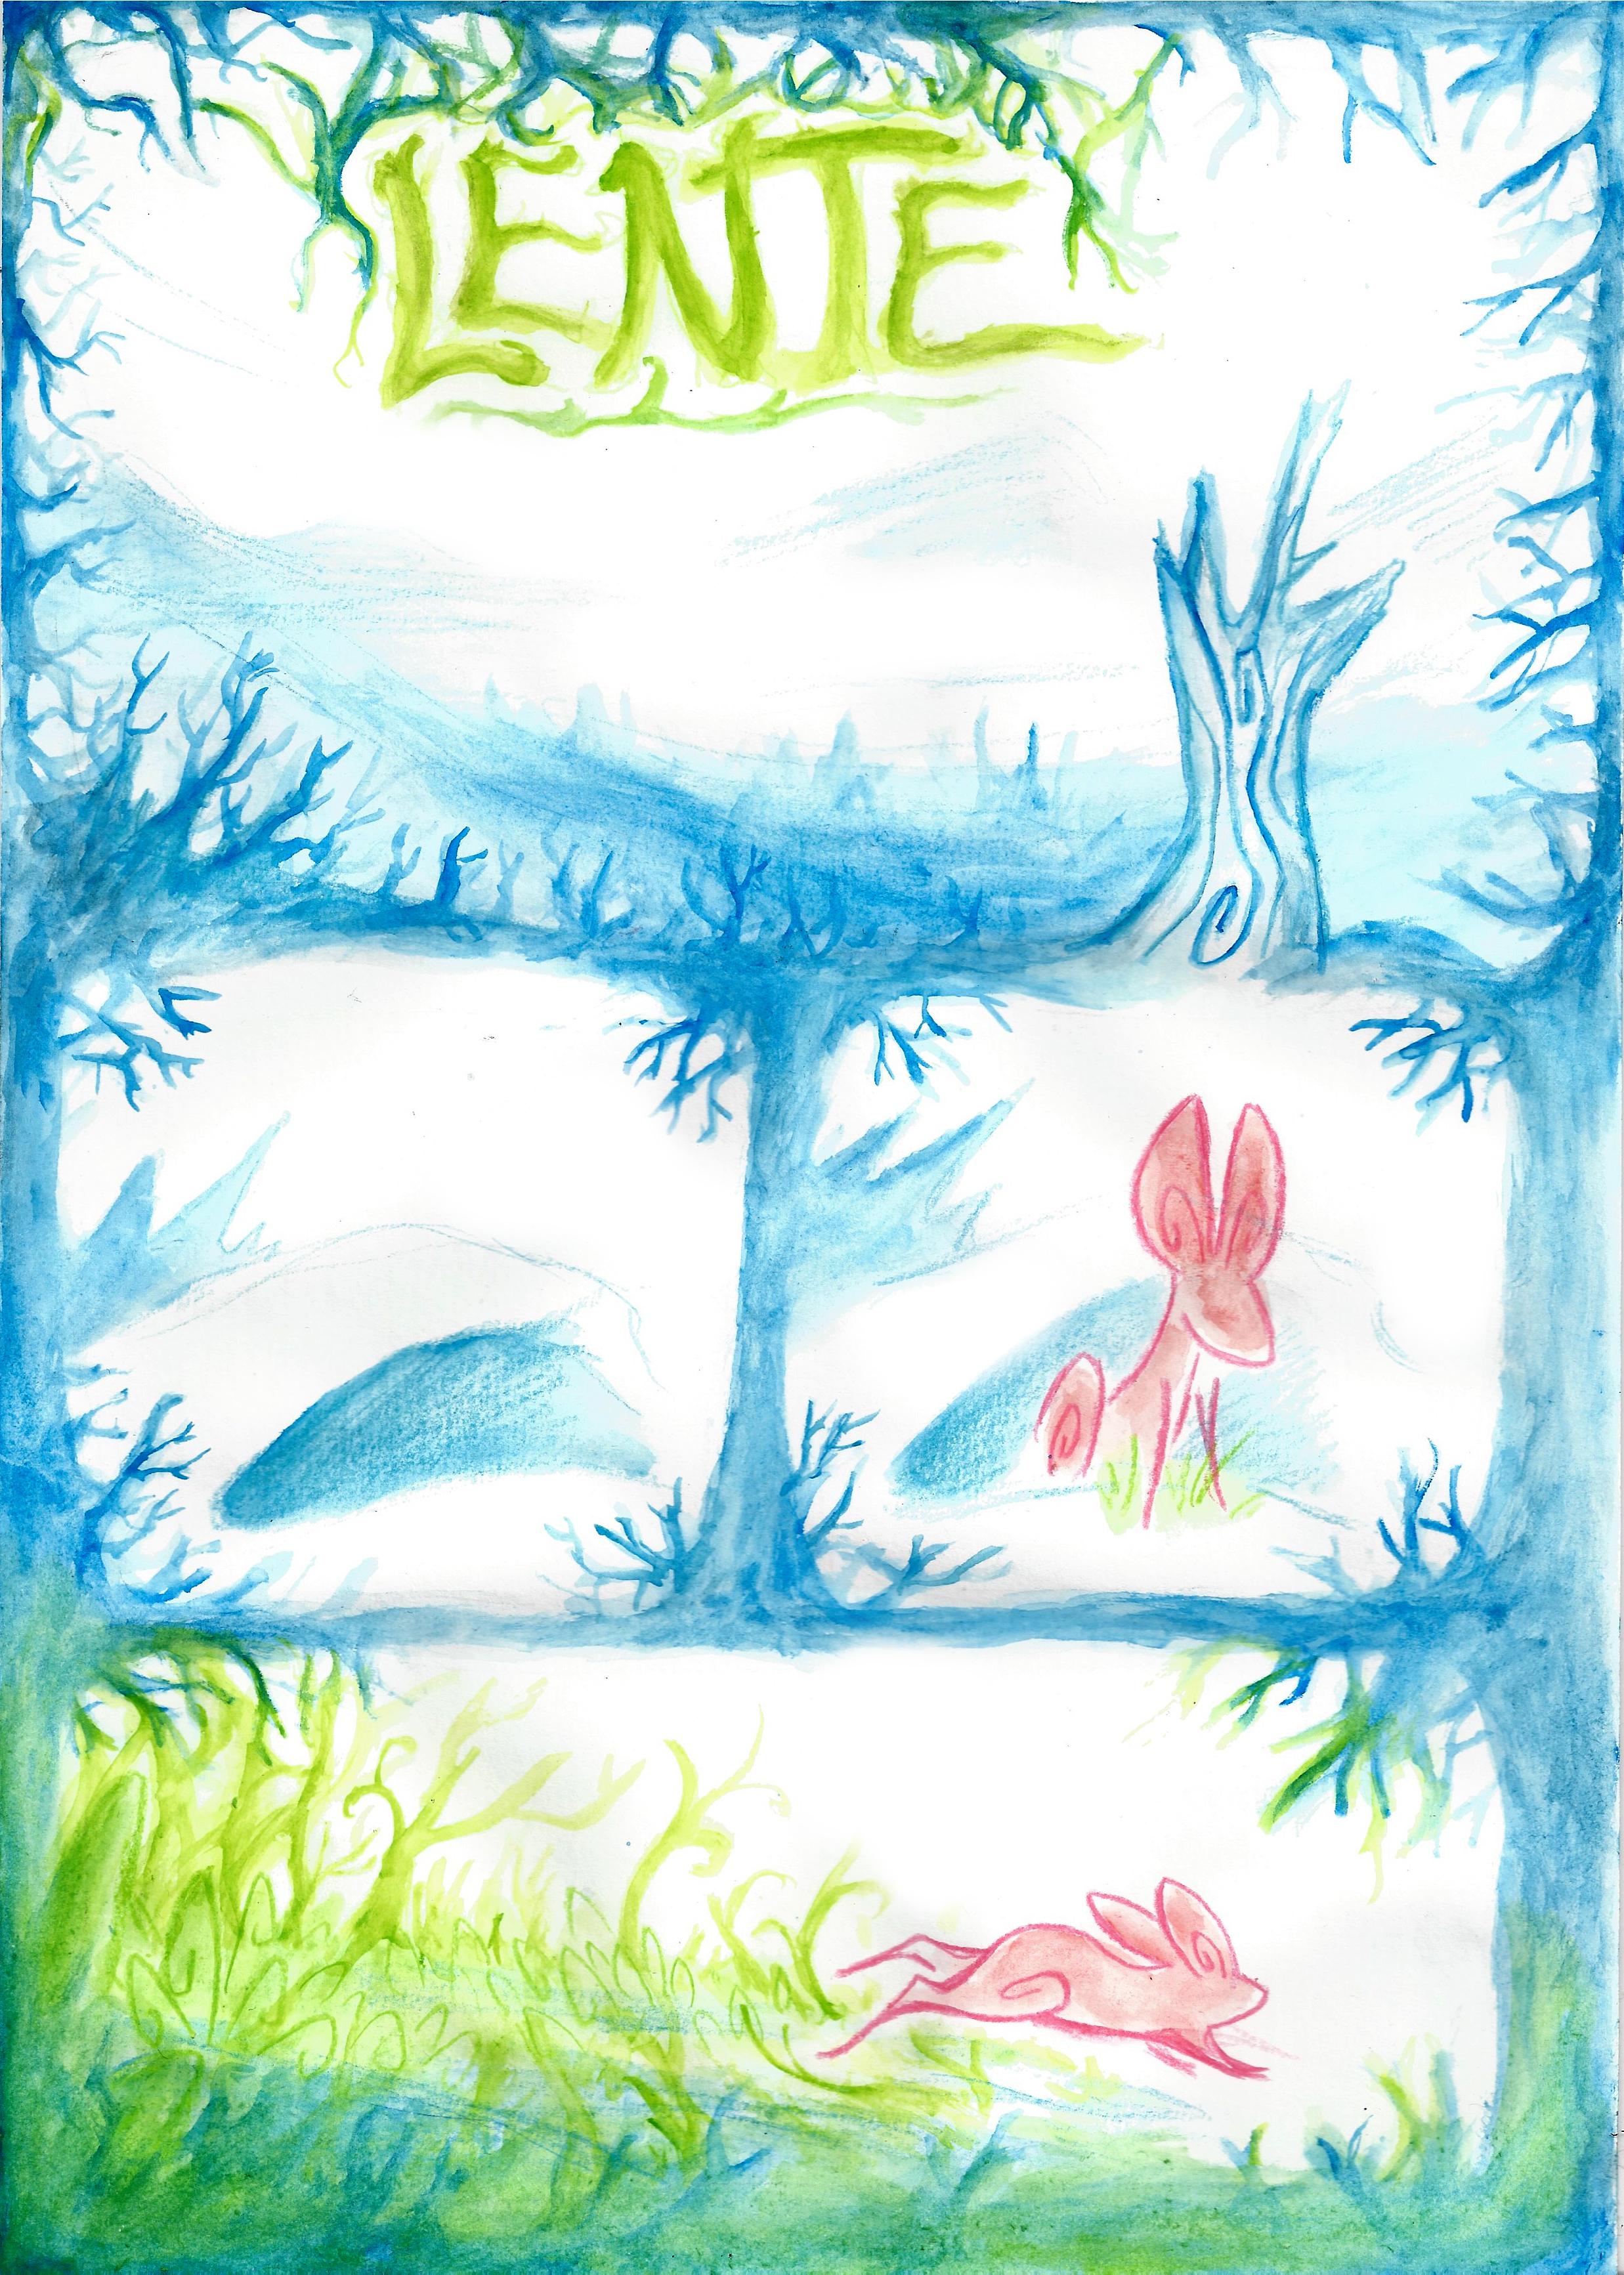 Lente 1